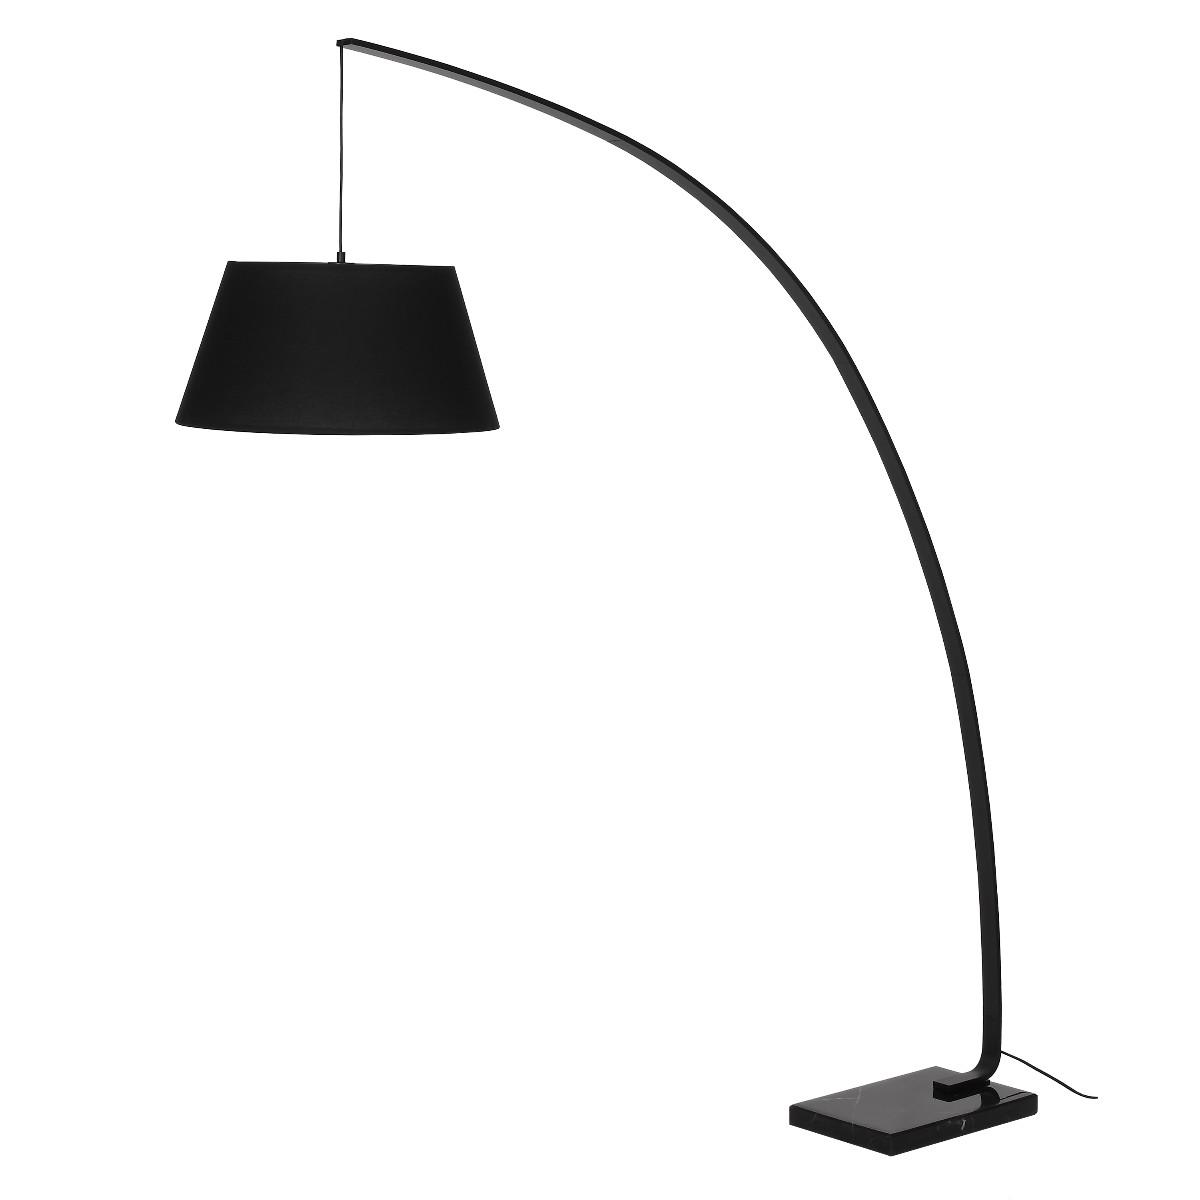 Lampa podłogowa Bow 50x163x183 cm